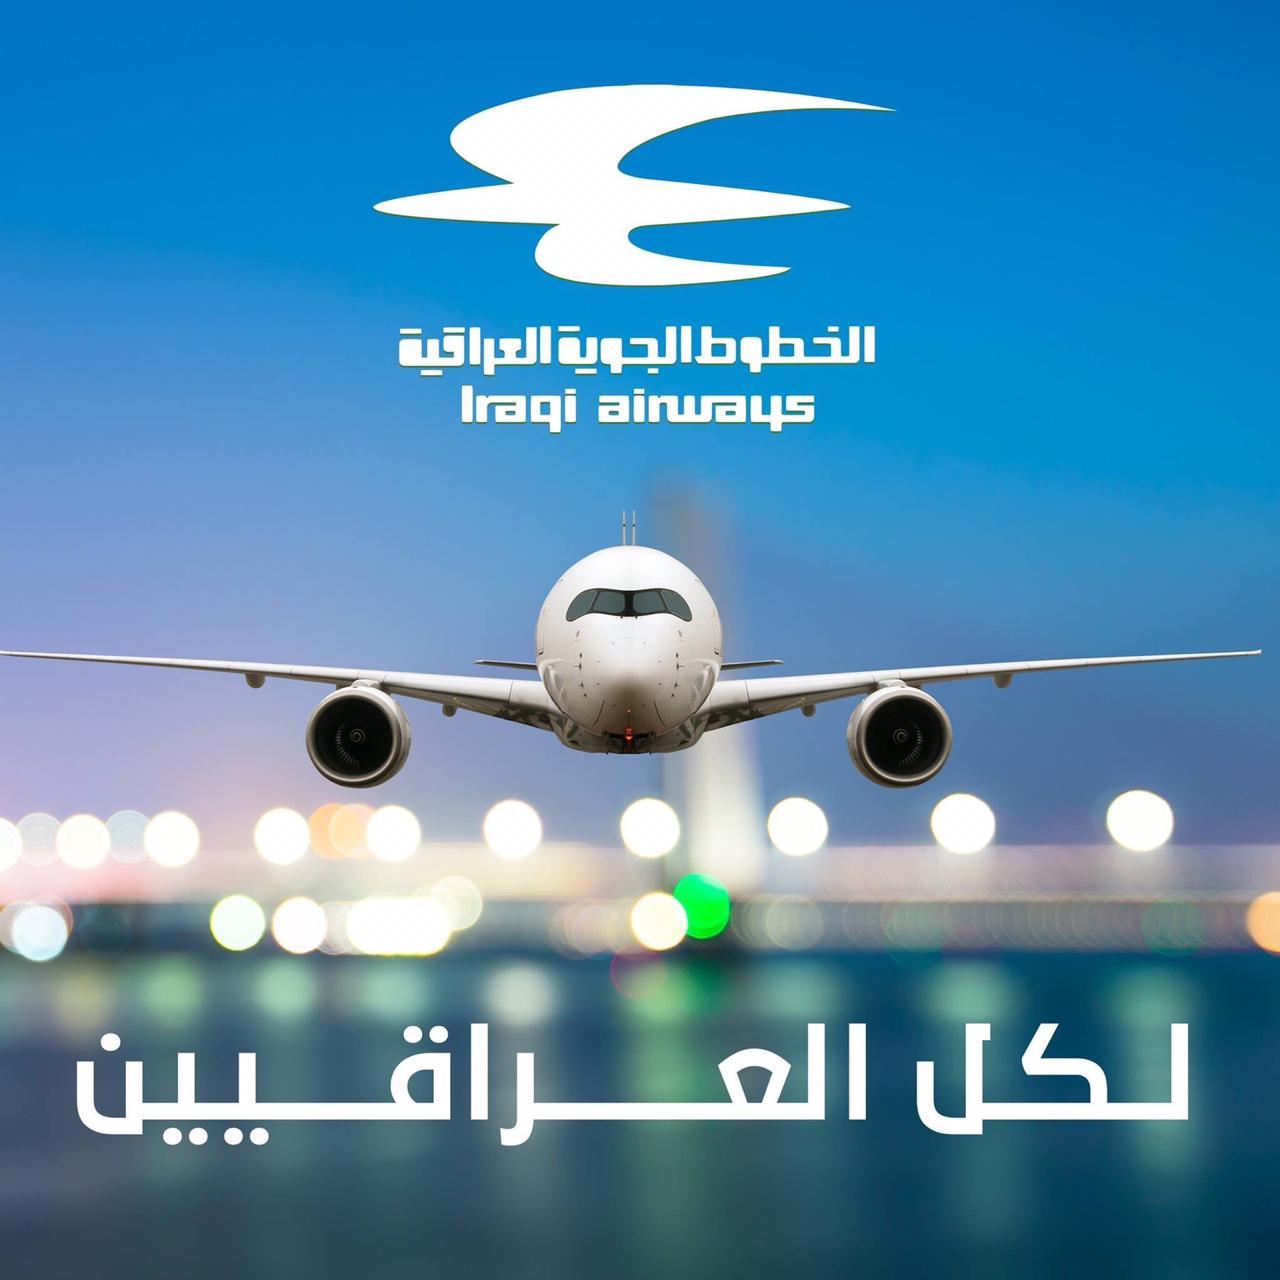 وزير النقل : أكثر من مليون ونصف المليون مسافر تم نقلهم على متن طائرات الخطوط الجوية خلال العام الحالي